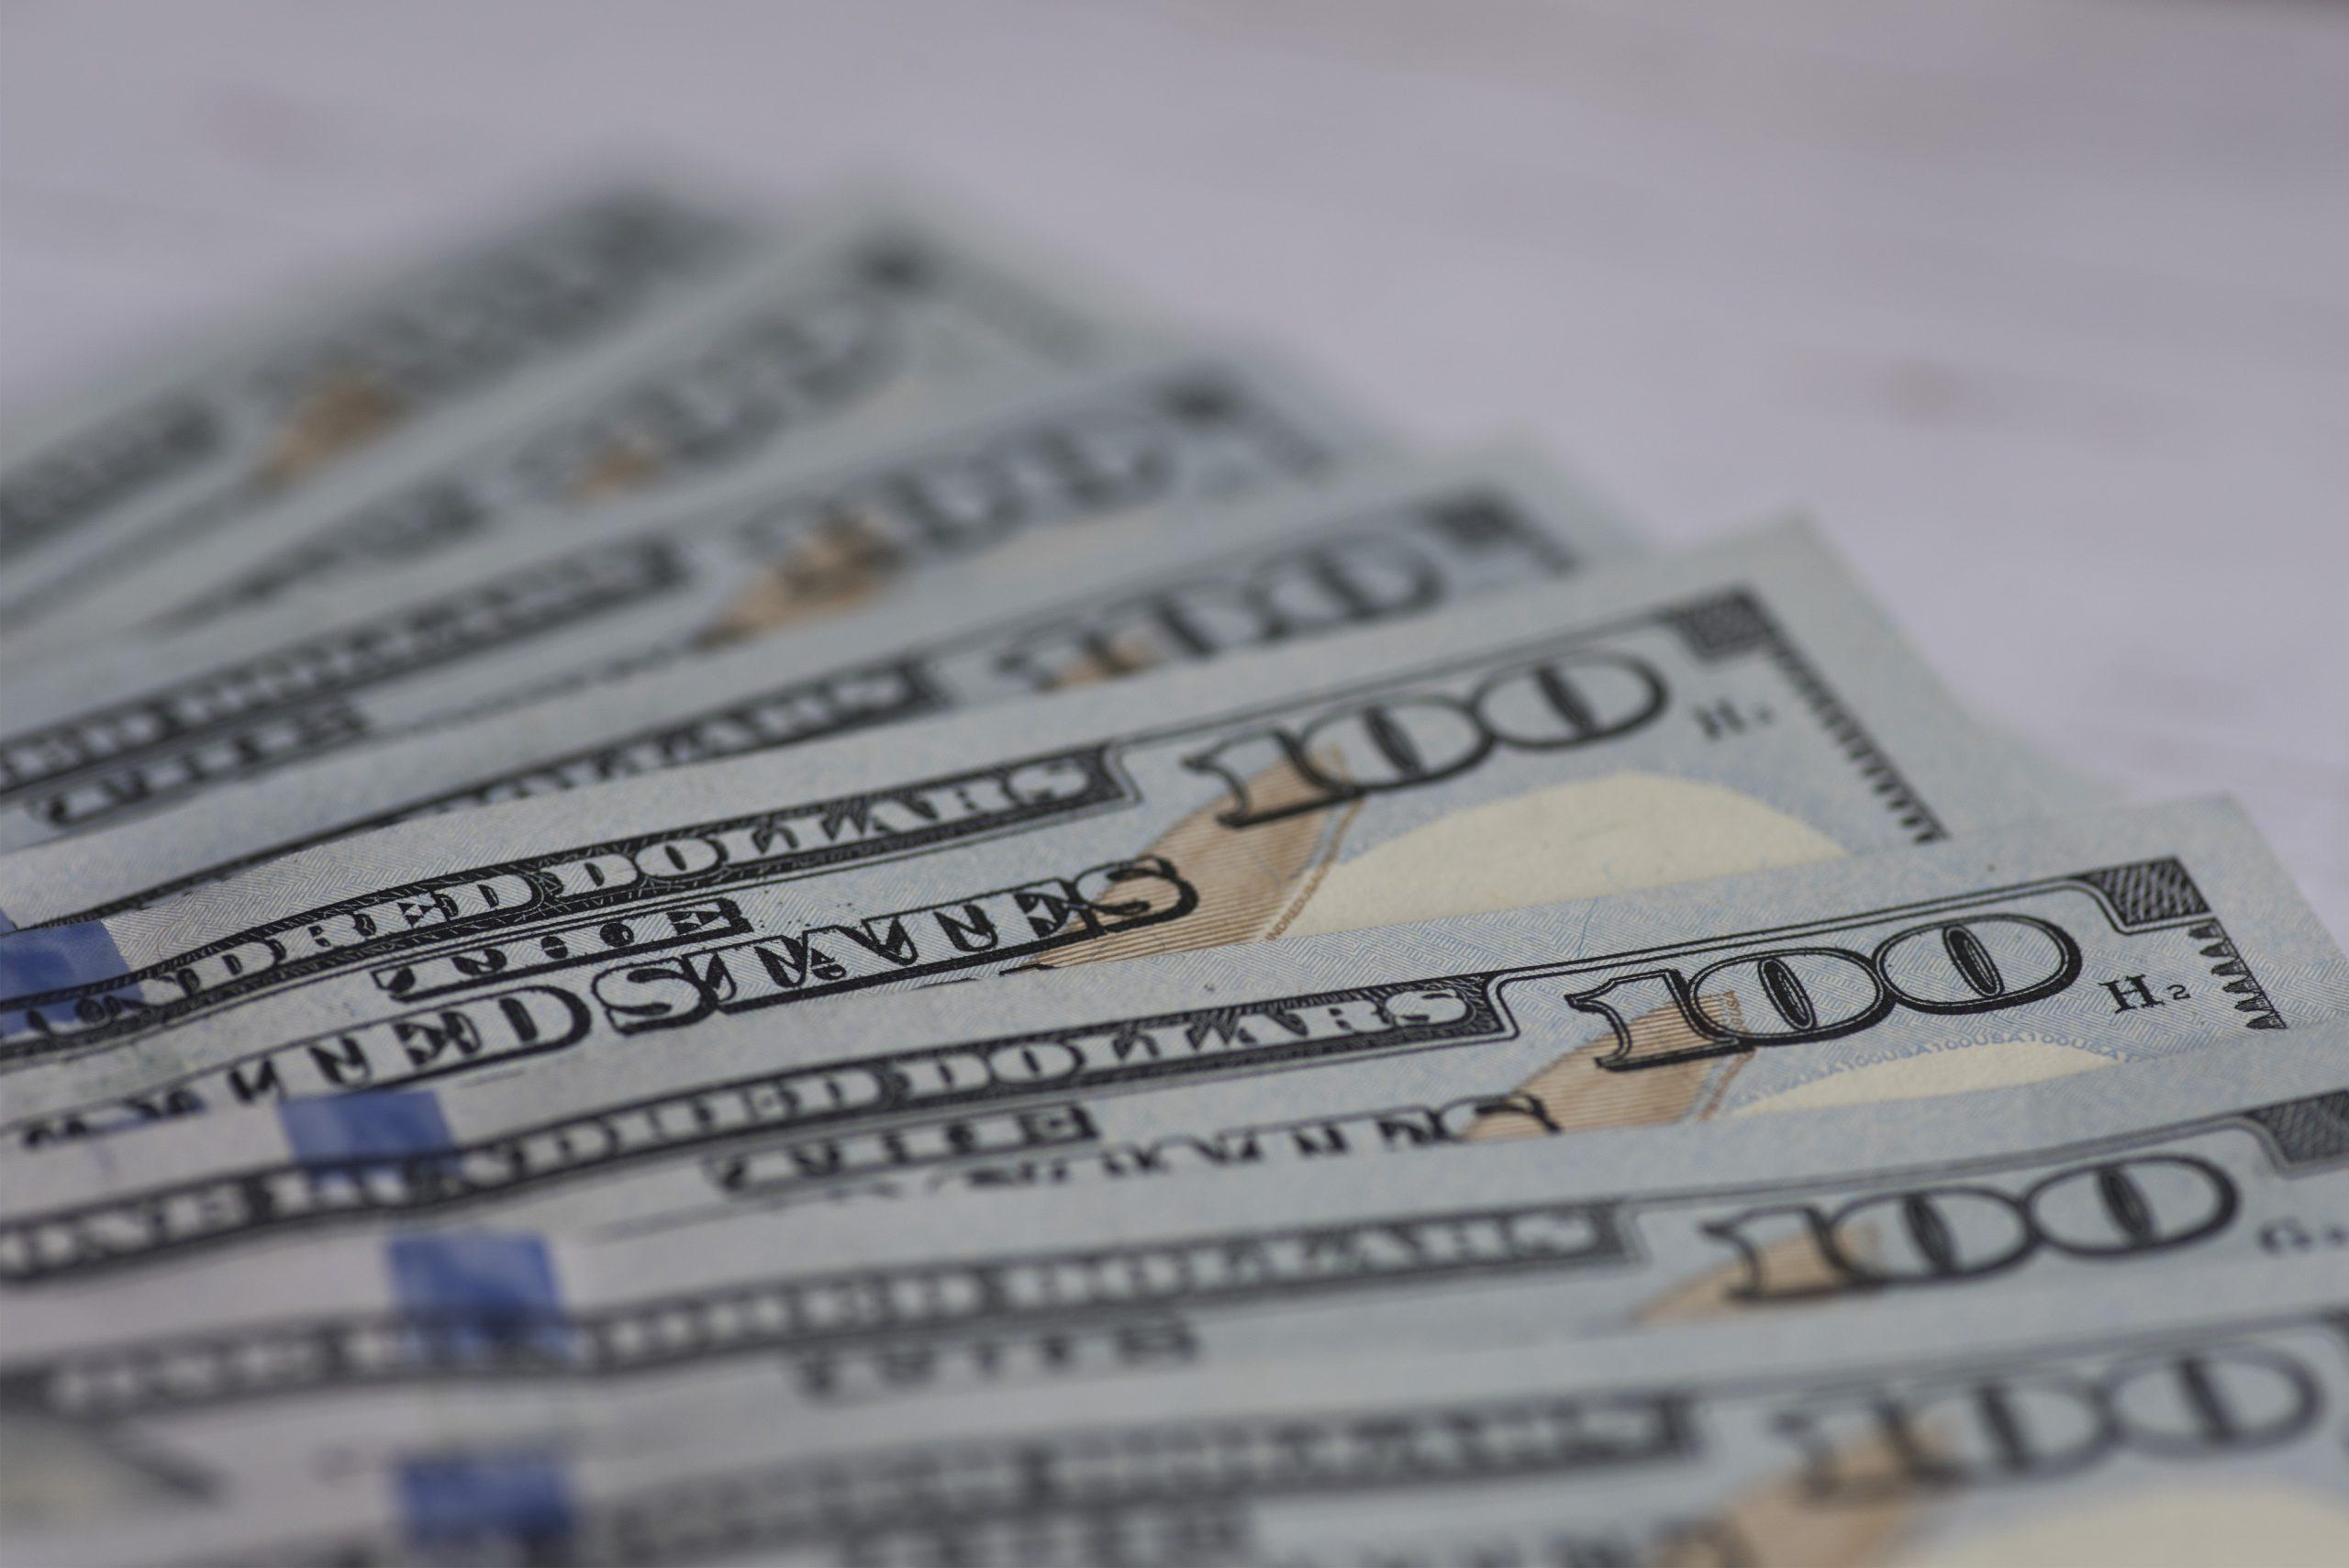 Noua monedă în care se poate investi în perioada crizei sanitare. Mulți oameni au ales asta